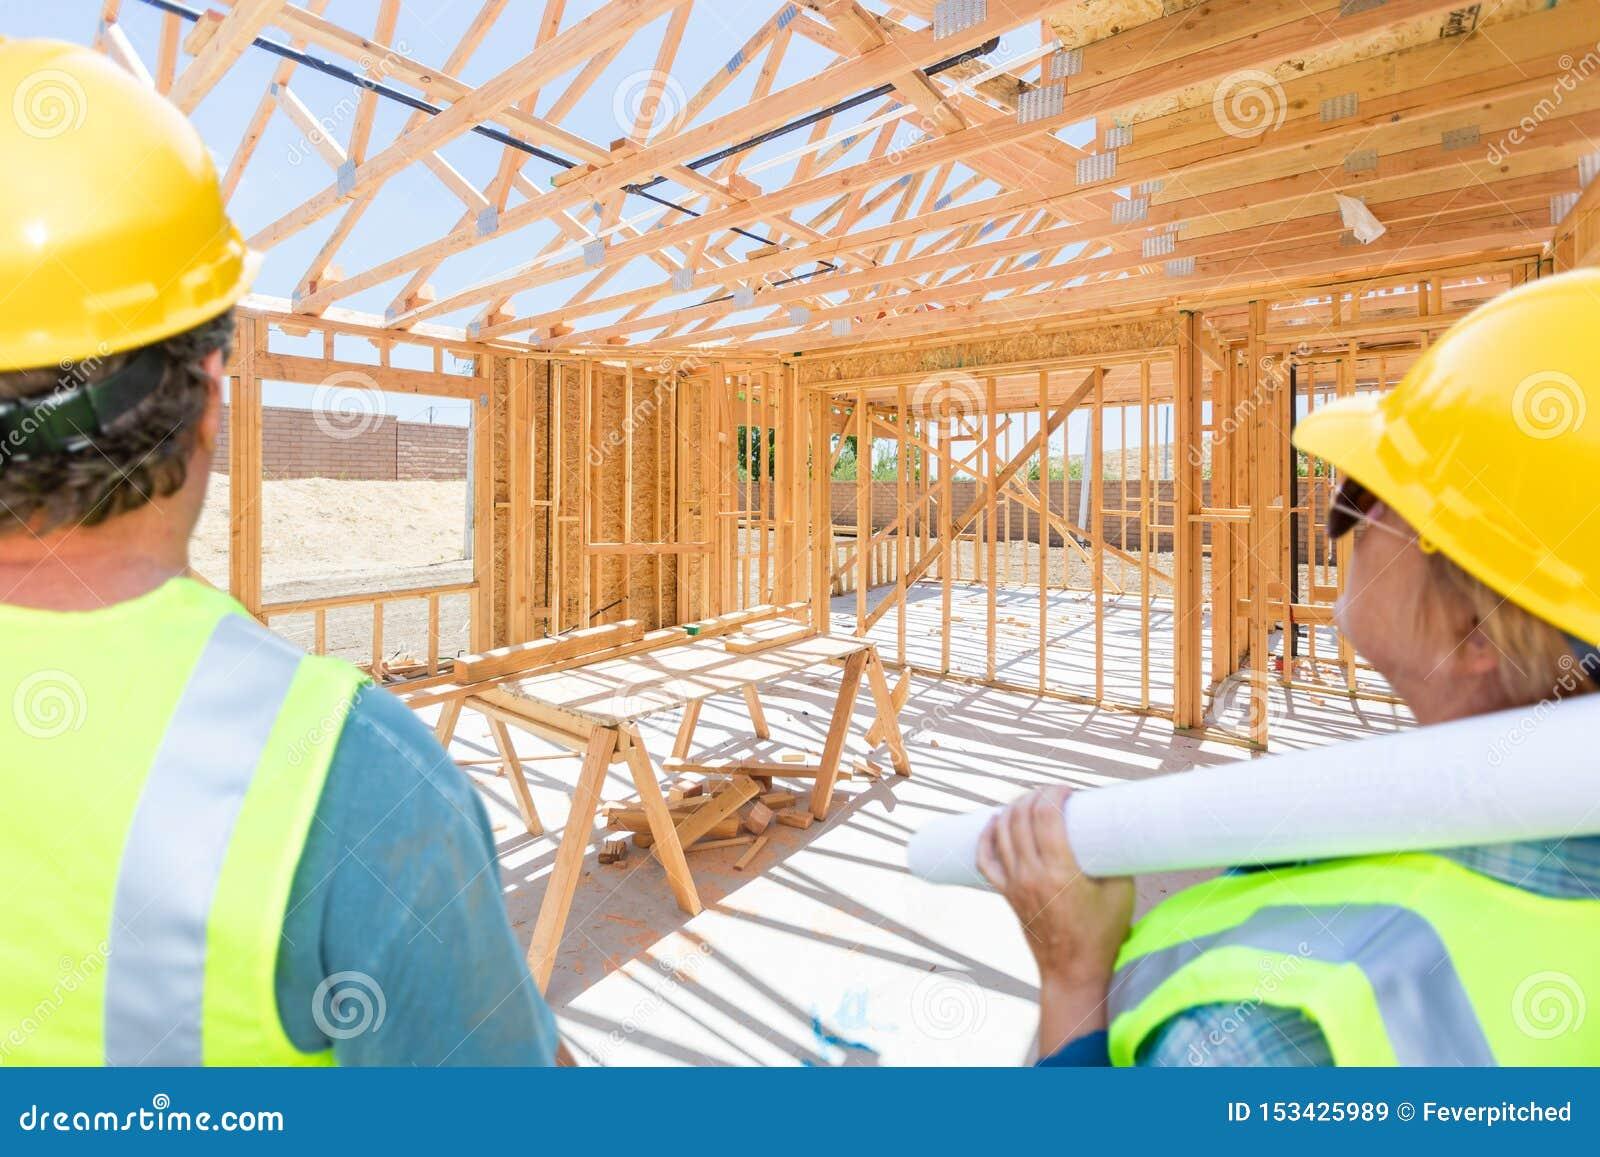 Αρσενικοί και θηλυκοί ανάδοχοι που αγνοούν τη διαμόρφωση καινούργιων σπιτιών στο εργοτάξιο οικοδομής